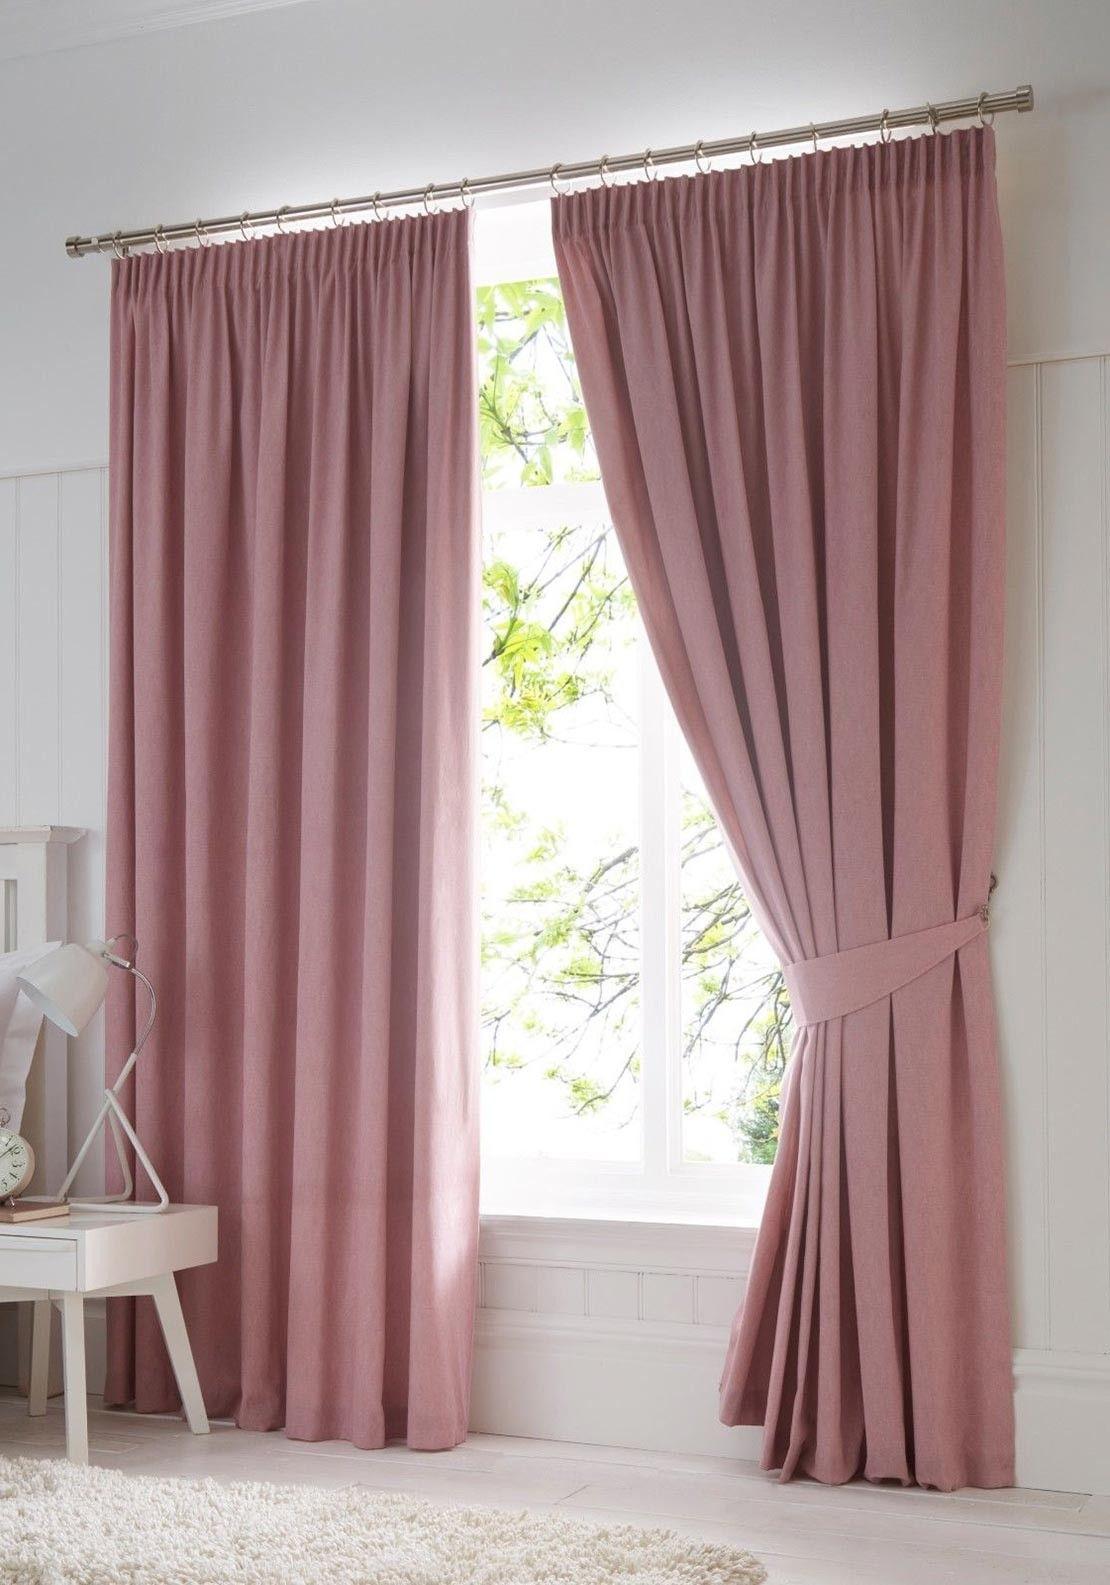 Rosa Vorhange Kindermobel Info Curtains Living Room Pink Bedroom Curtains Pink Curtains